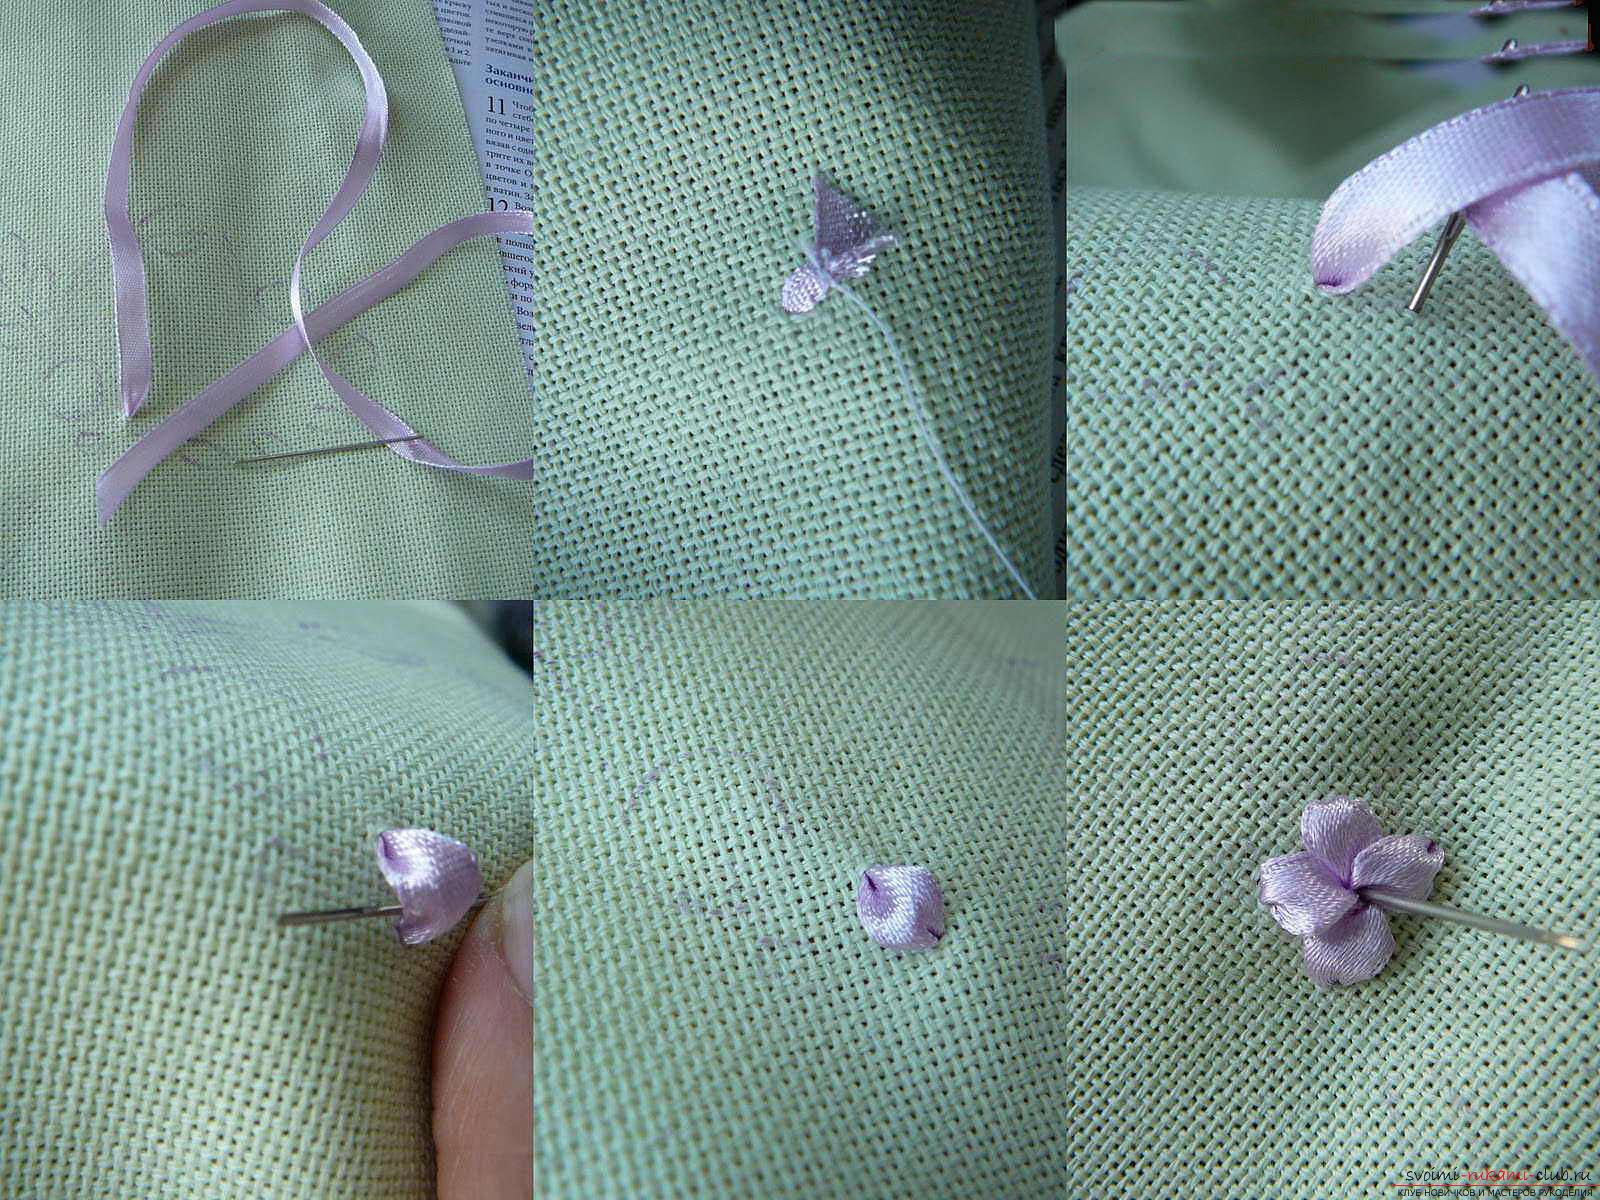 Вышивка лентами белых лилий. Фото №2